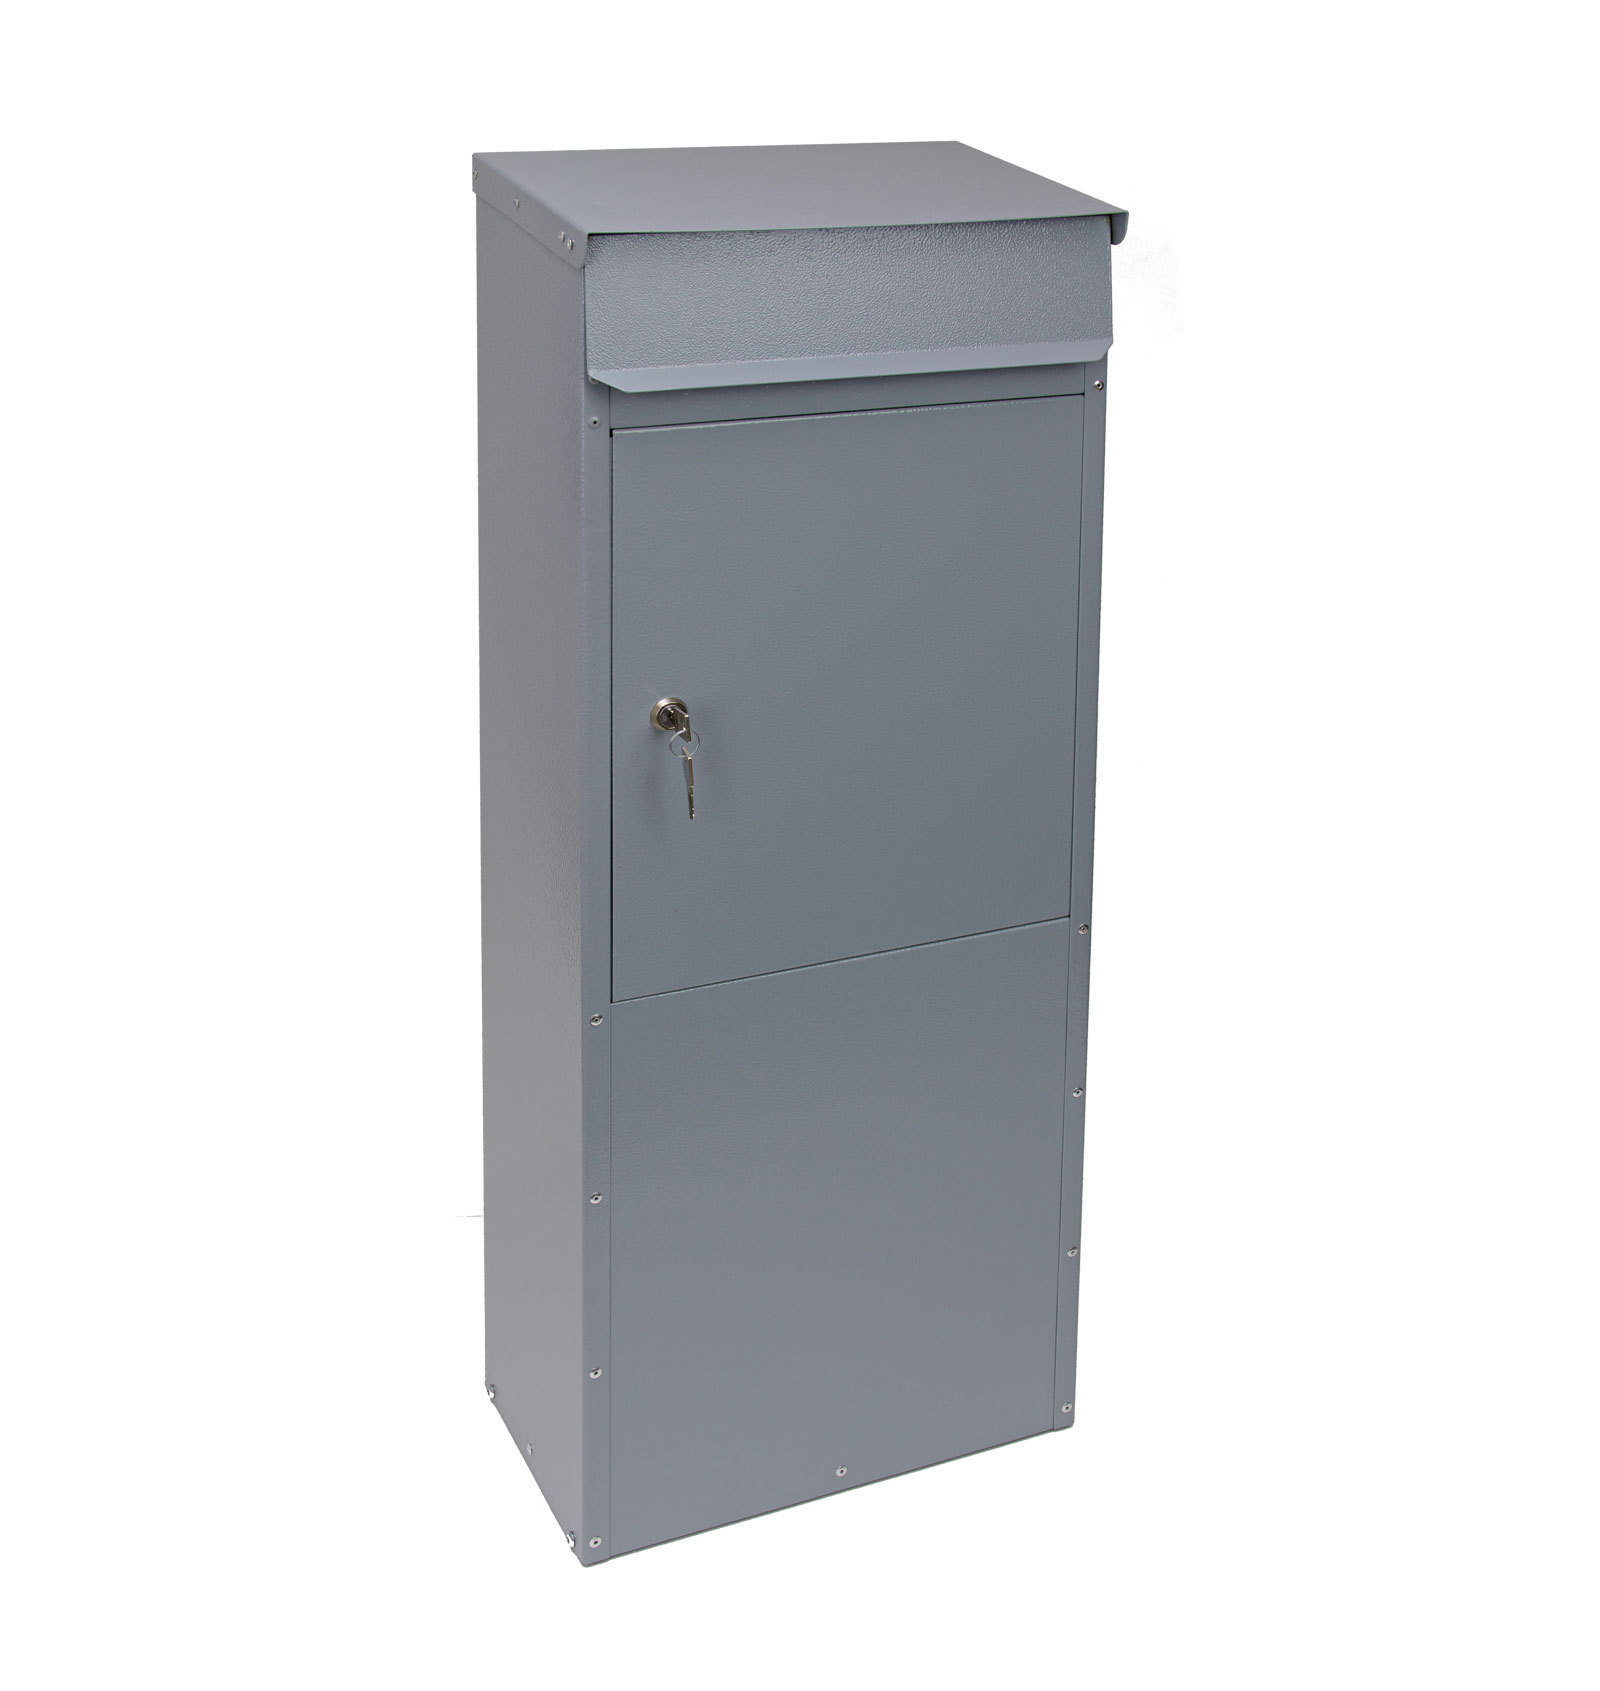 standbriefkasten briefkasten postkasten ral 7001. Black Bedroom Furniture Sets. Home Design Ideas